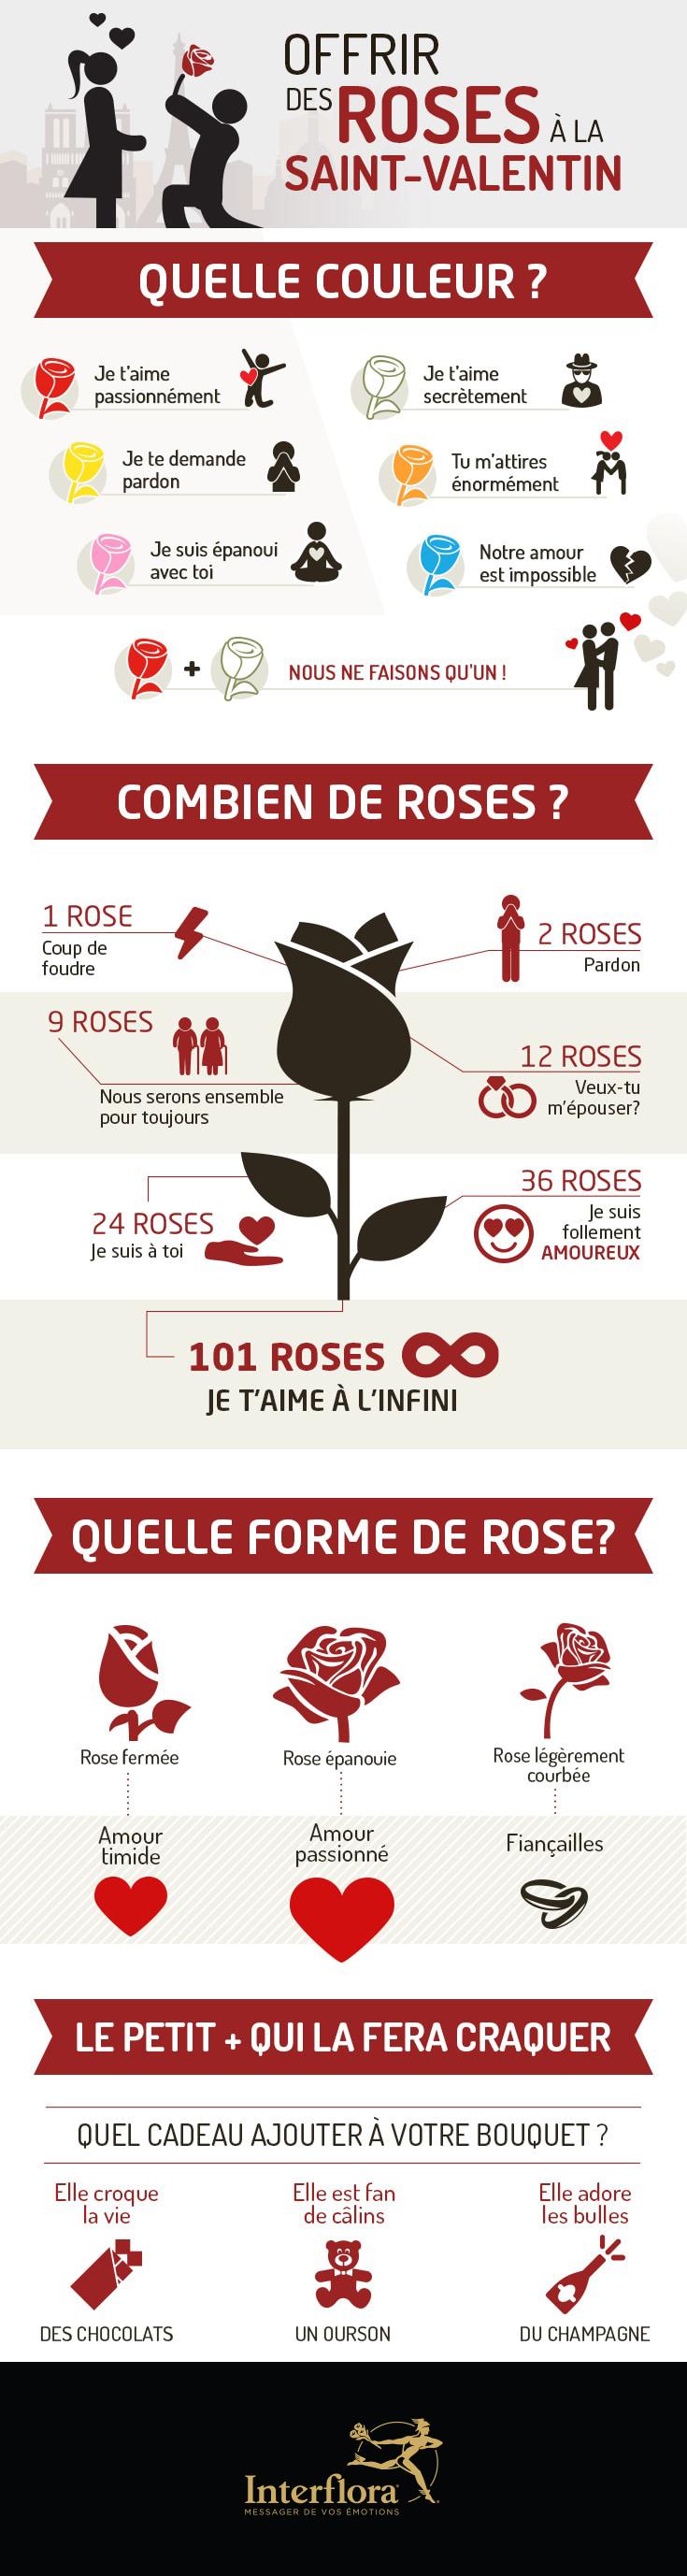 100 Fantastique Conseils Offrir Des Roses Combien